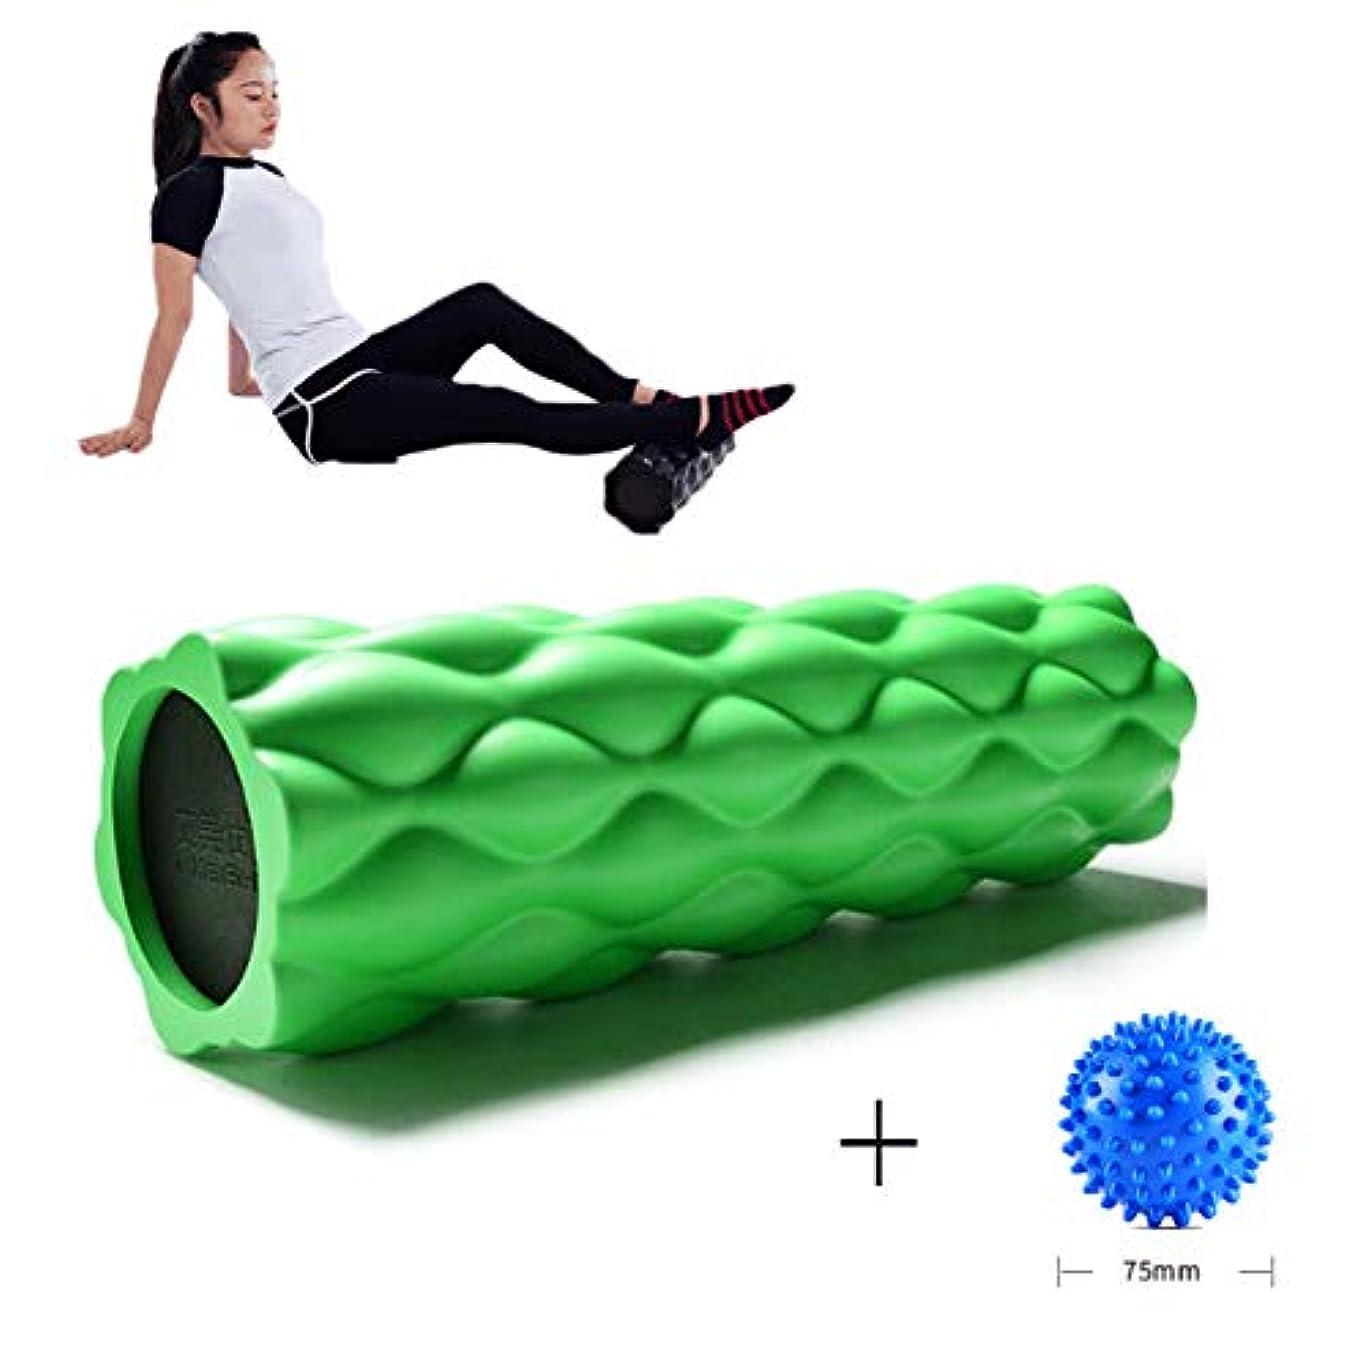 帝国主義クックバルコニーフォームローラー 深部組織筋肉マッサージトリガーポイント解放(44.5 x 13.5 cm)のための高密度耐圧脊髄チャンネル,Green